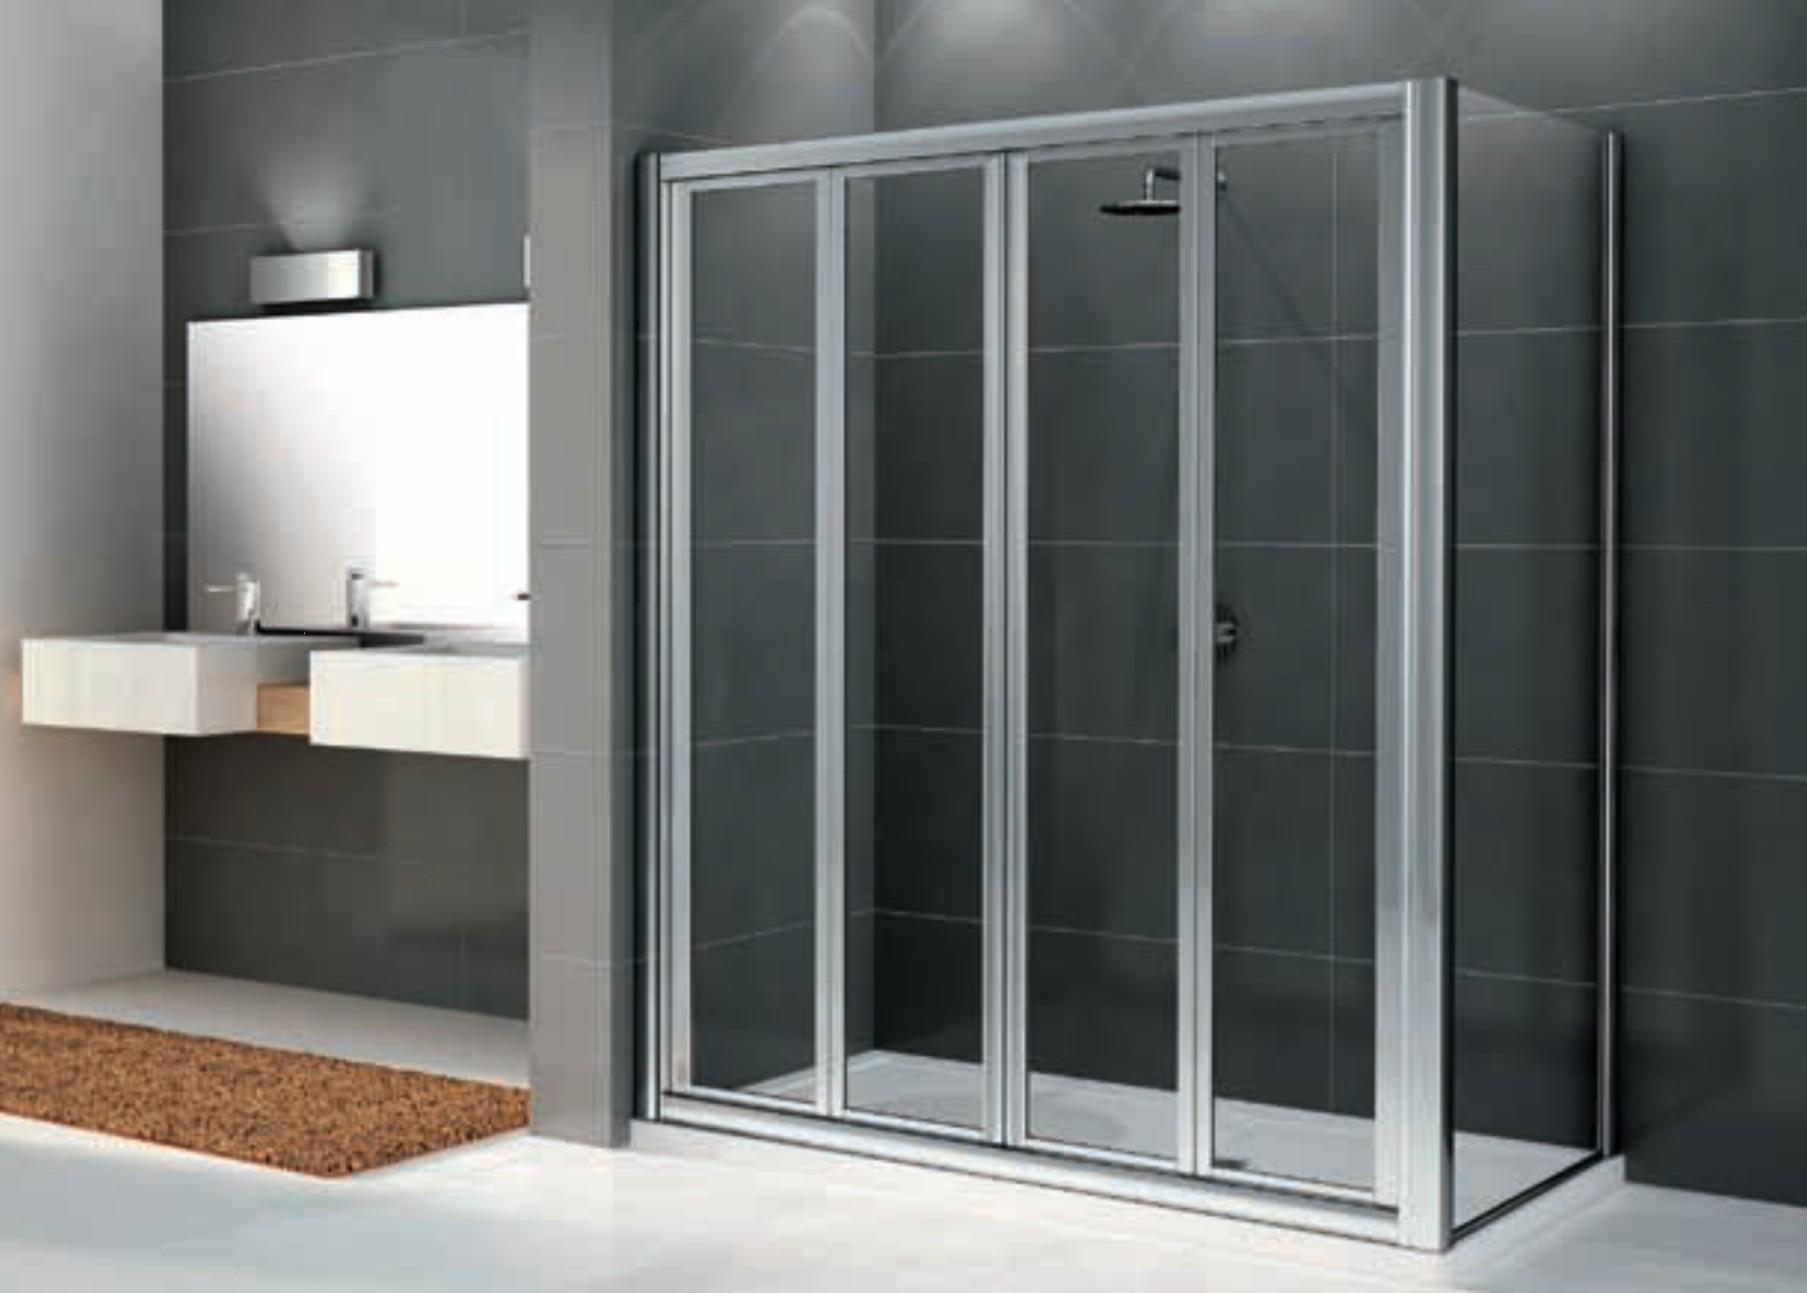 Cabina doccia due ante for Cabine doccia prezzi